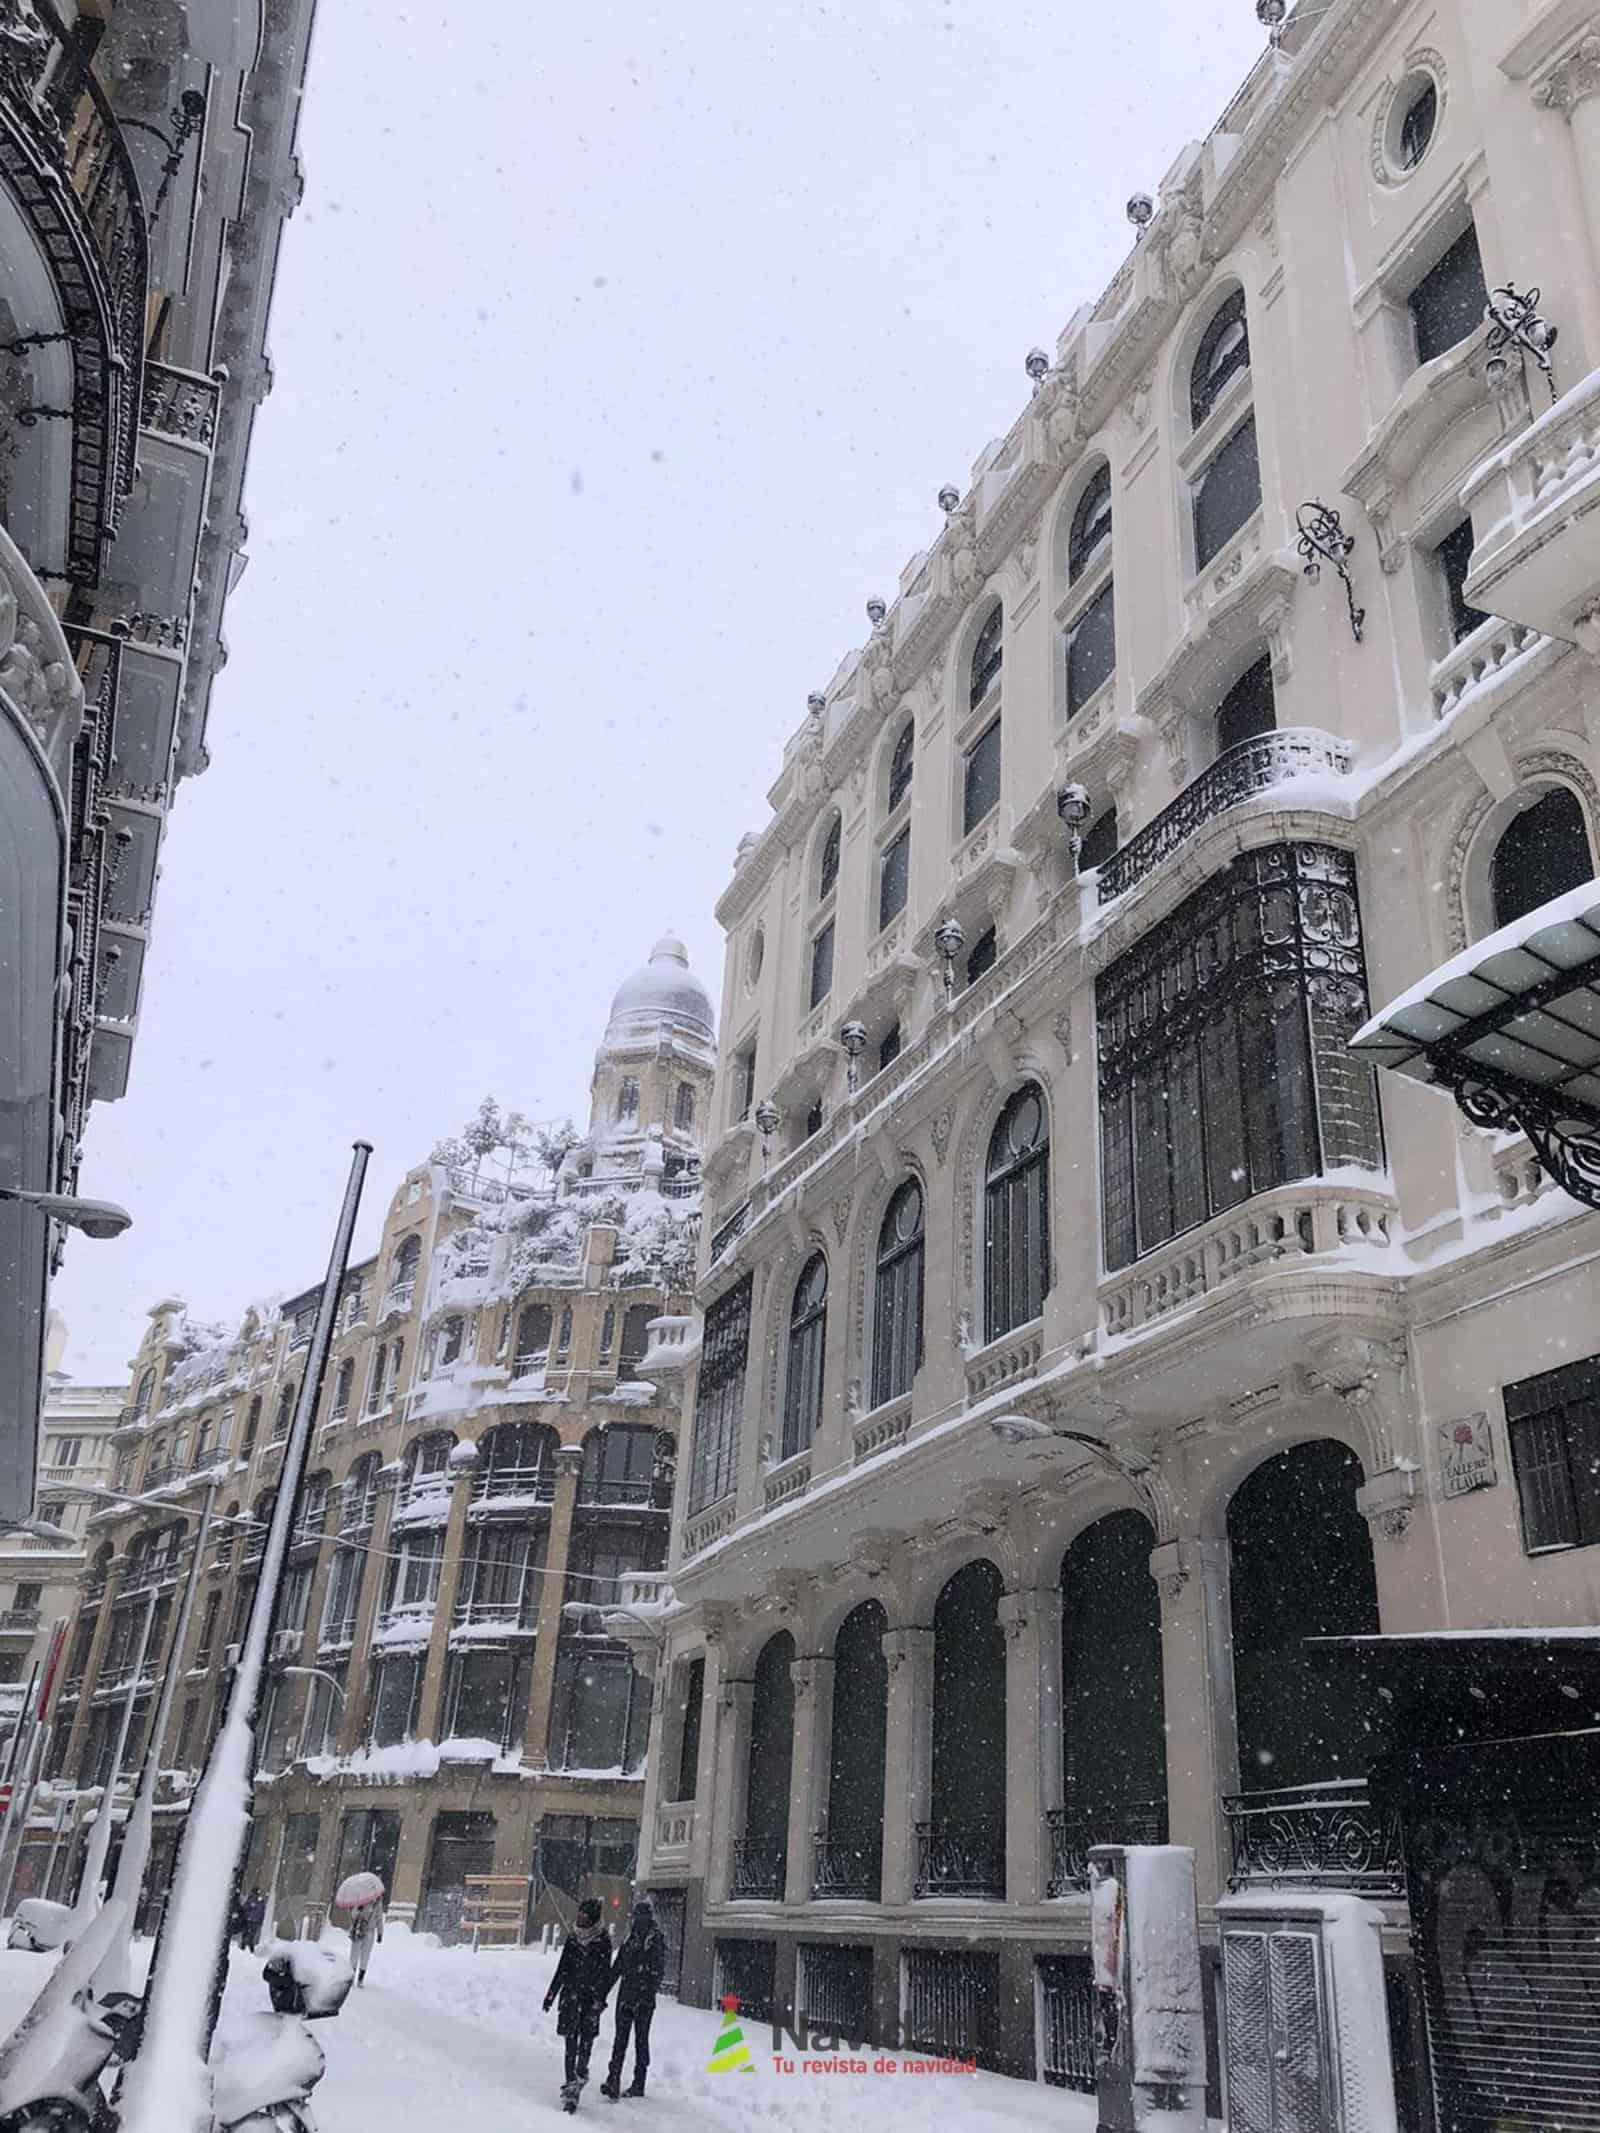 Fotografías de la nevada de enero en Madrid (España) 96